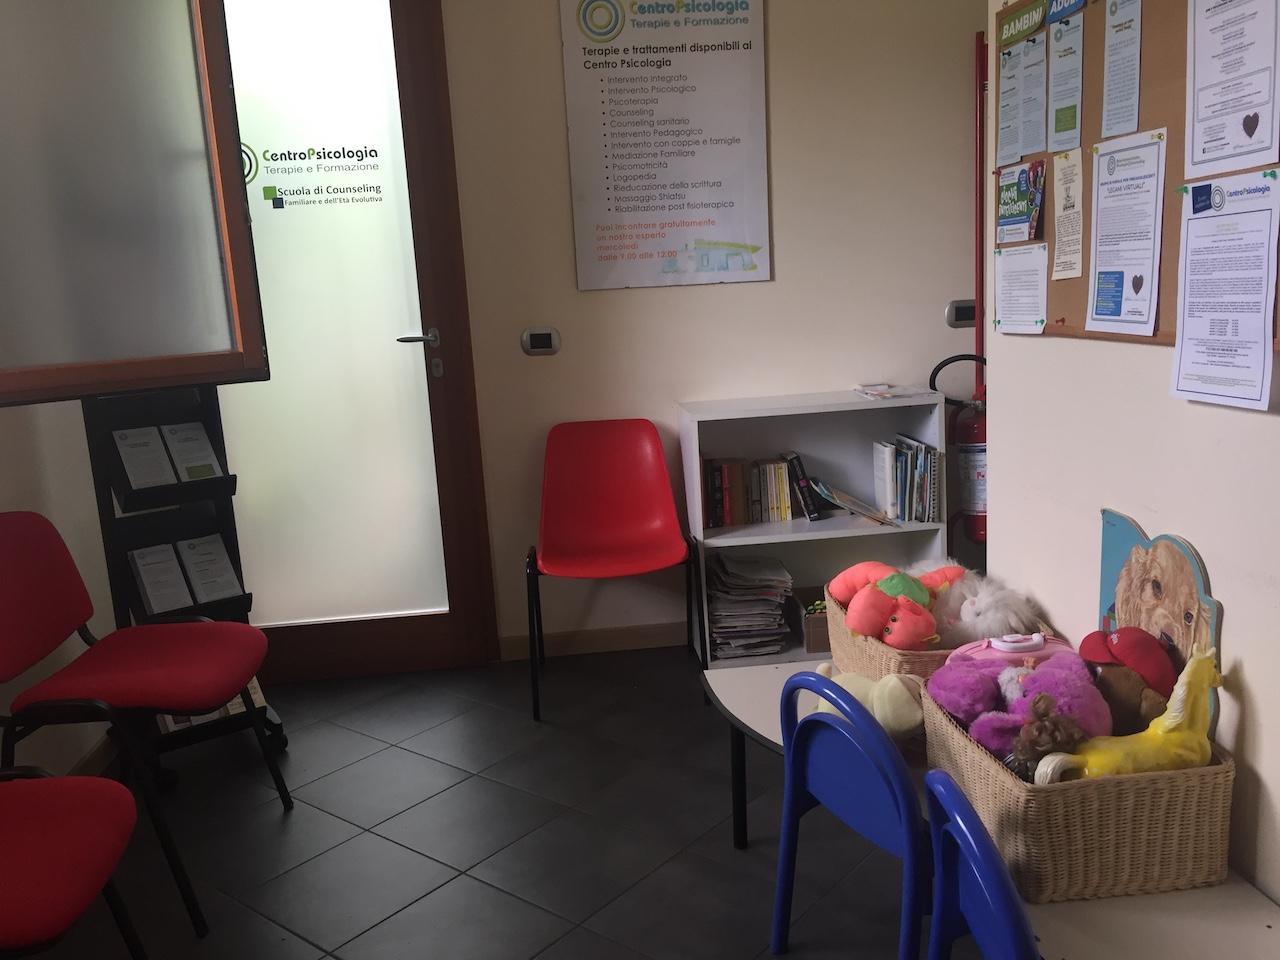 La sala d'attesa del Centro Psicologia